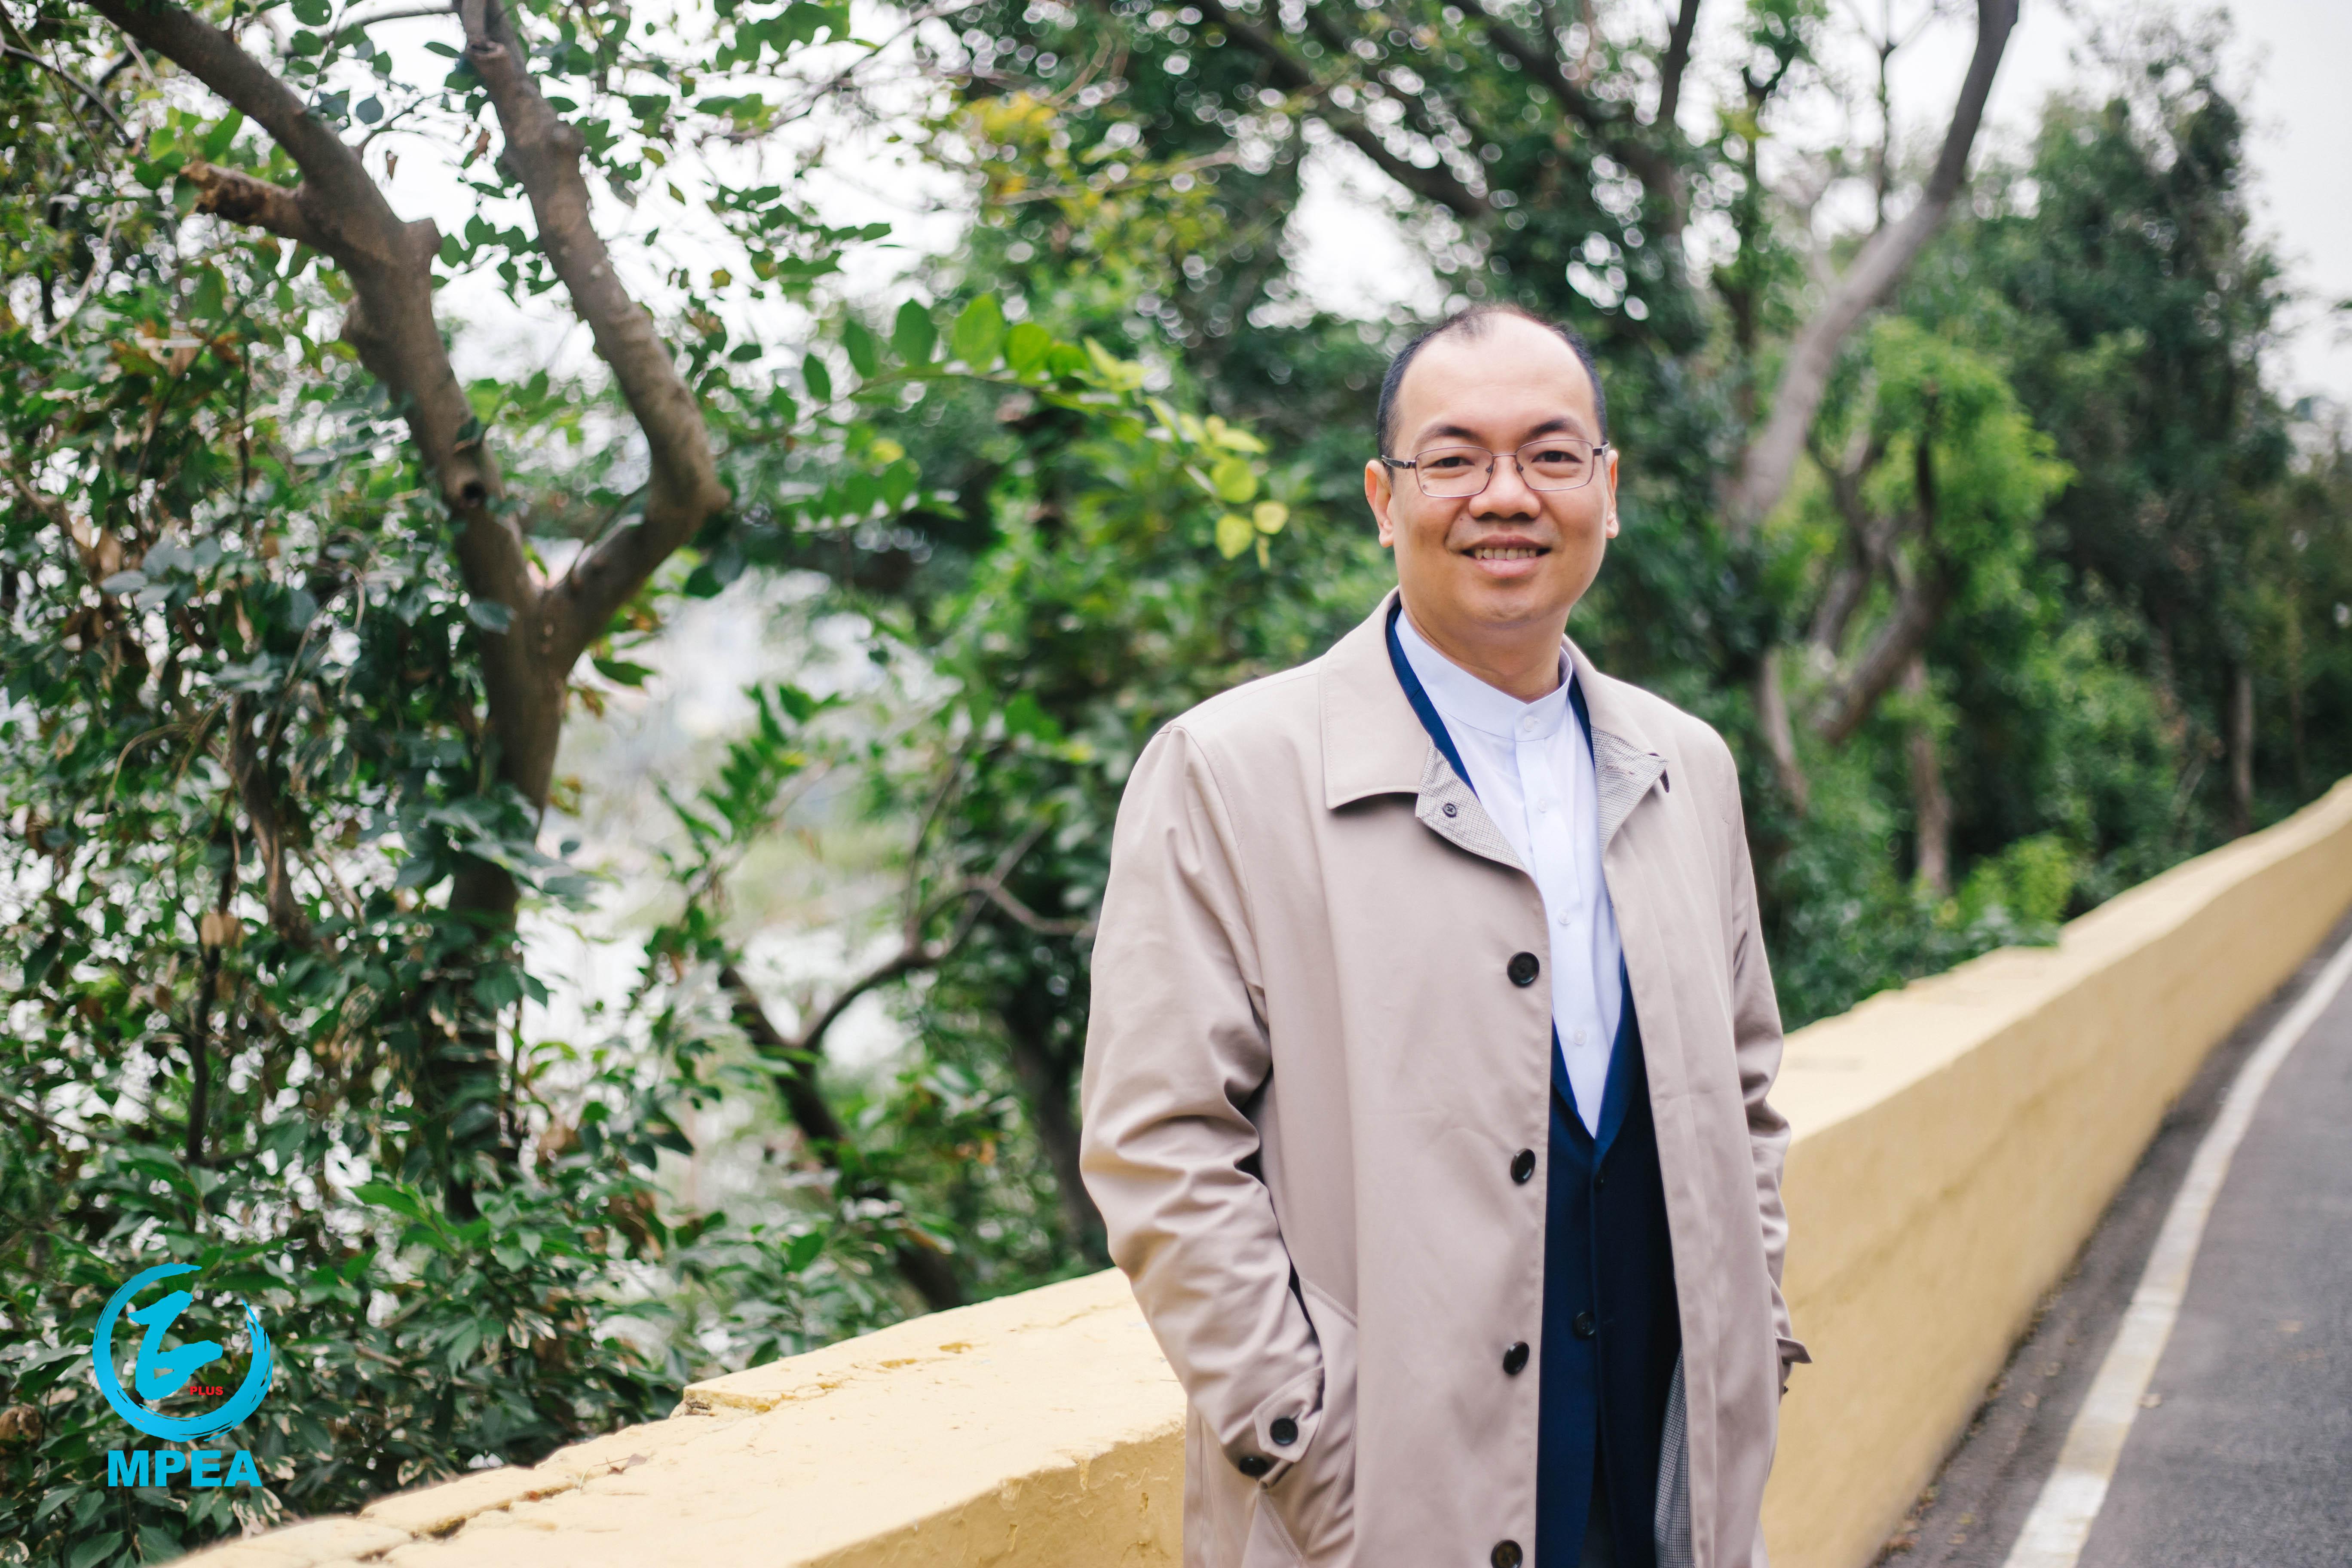 陳志峰鼓勵澳門新生代年輕人應心懷夢想,彰顯才華,力爭上游,在大灣區中脫穎而出。